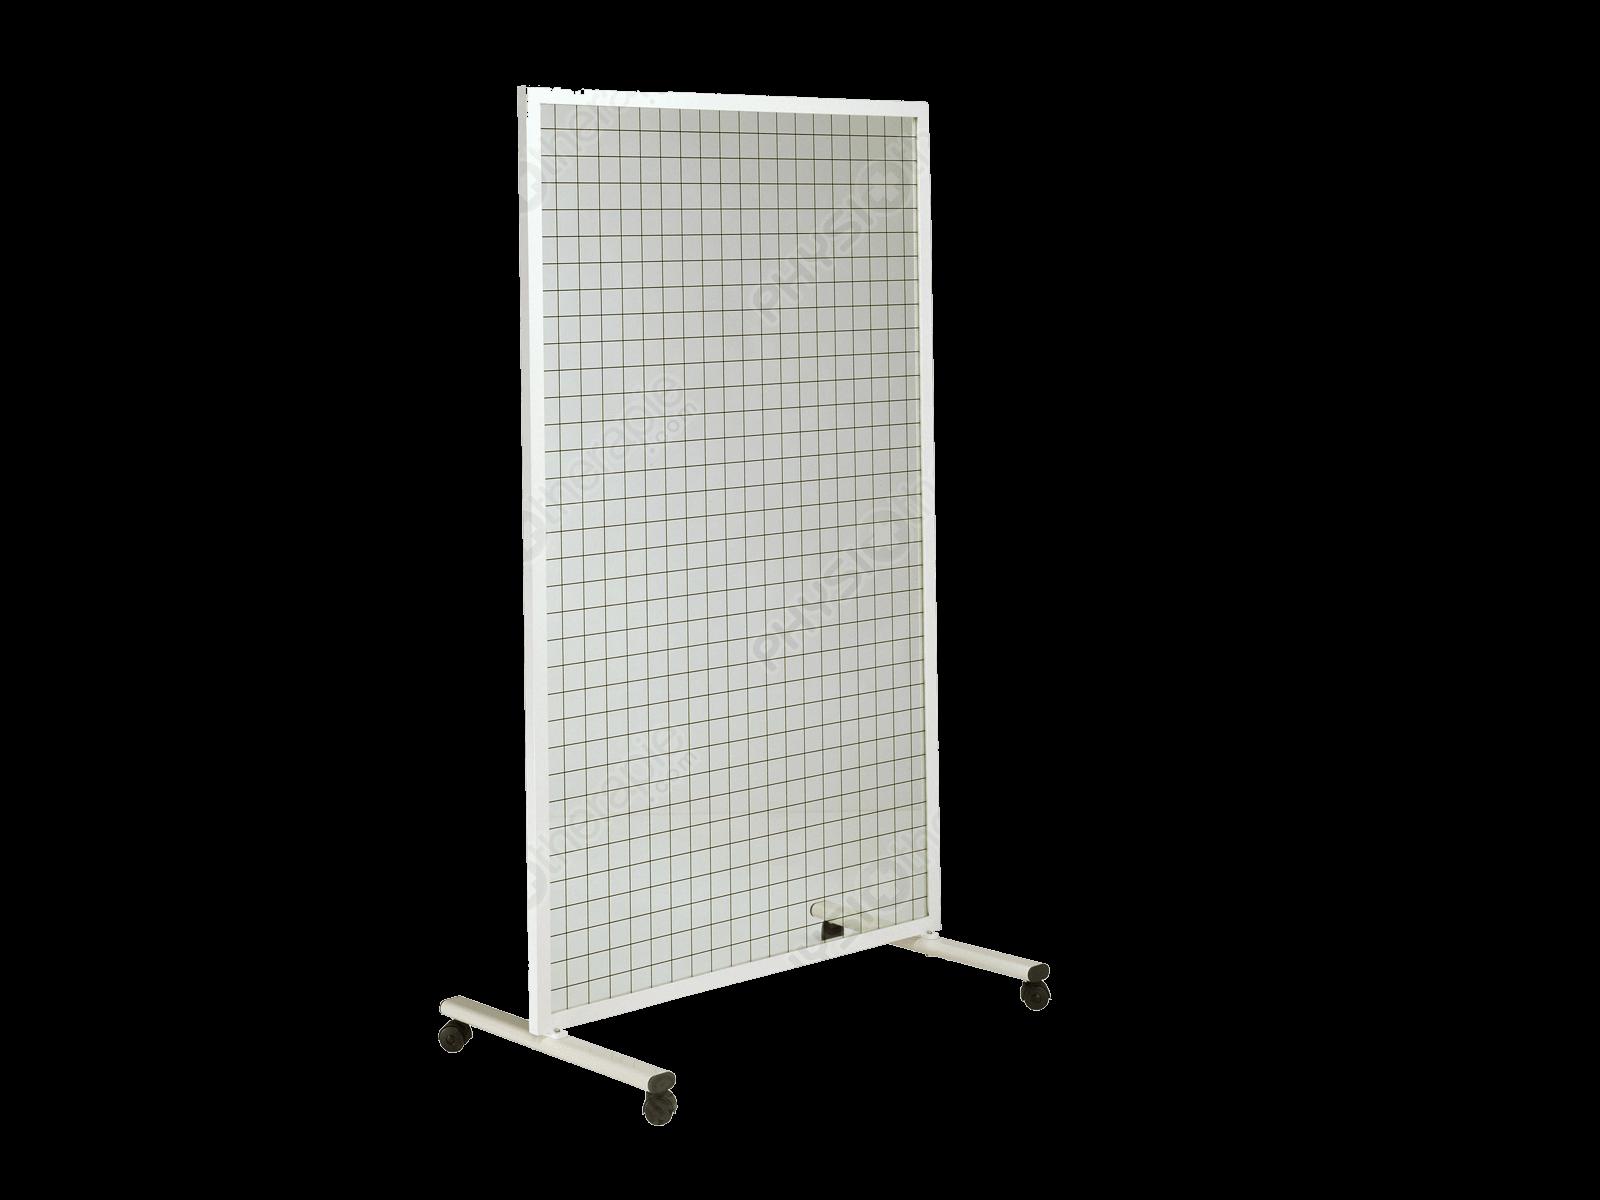 ferrox miroir quadrill